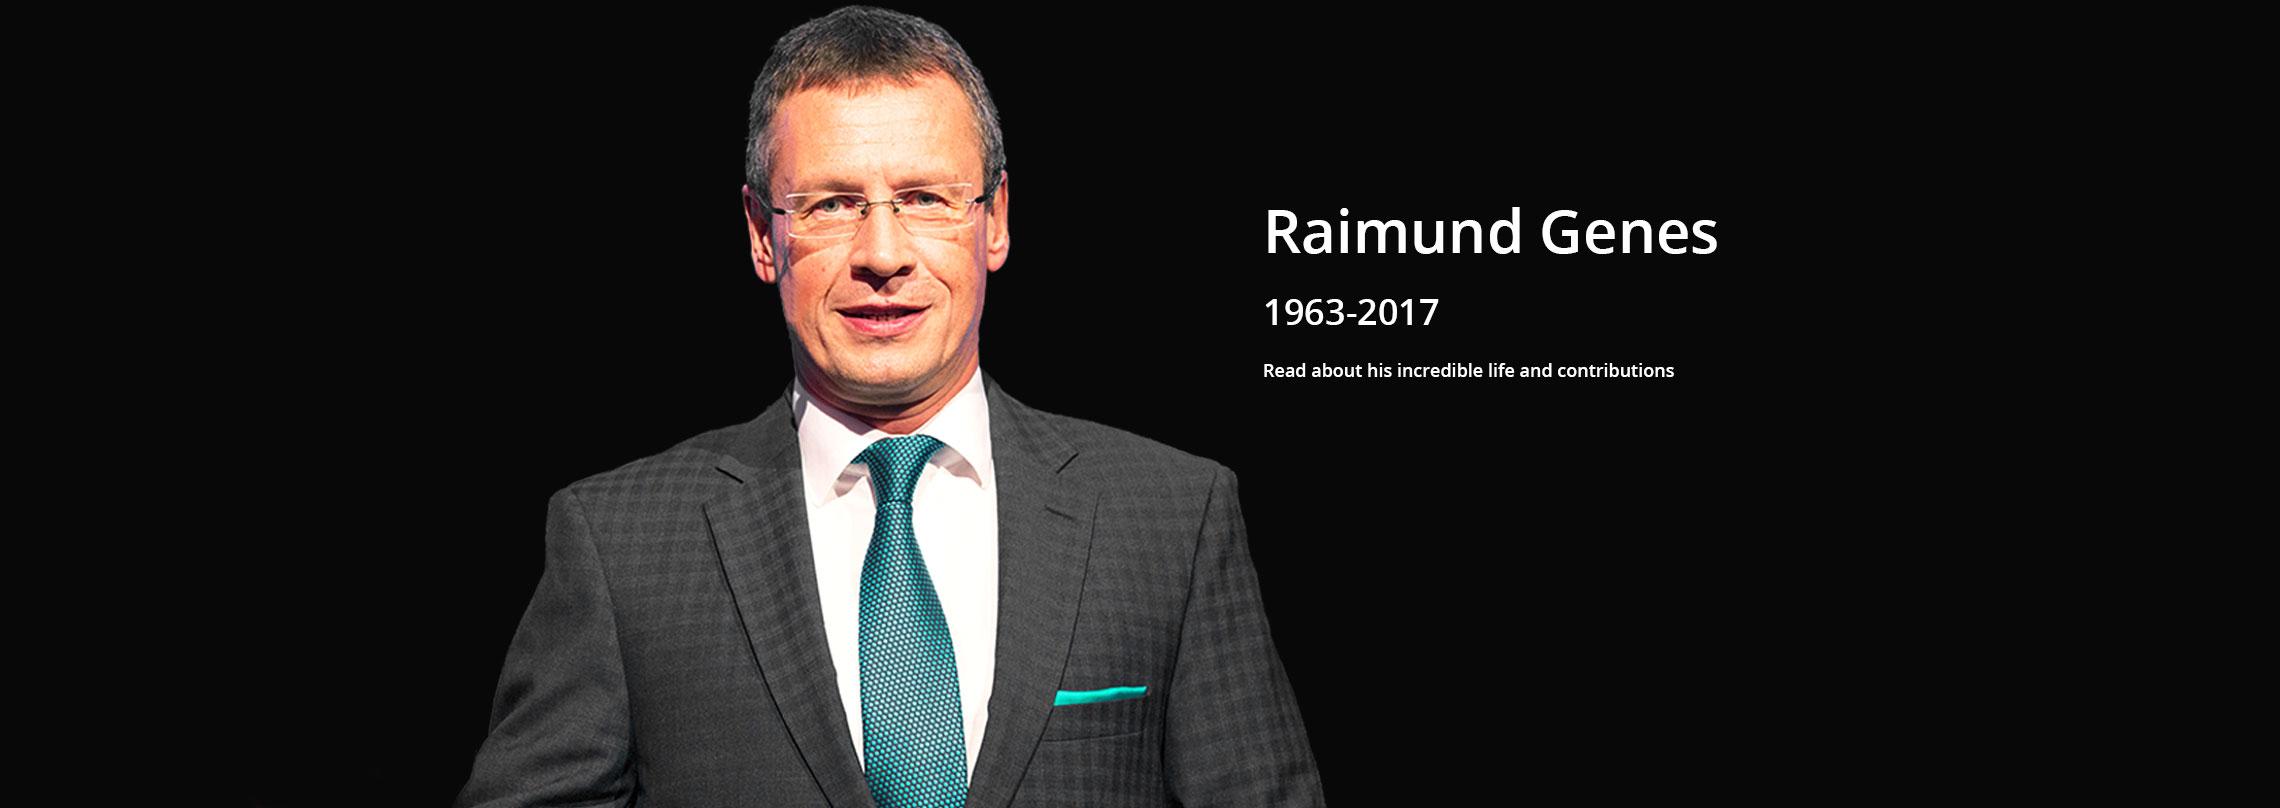 2017年3月24日趨勢科技的技術長 Raimund Genes在德國家驟逝,得年 54 歲